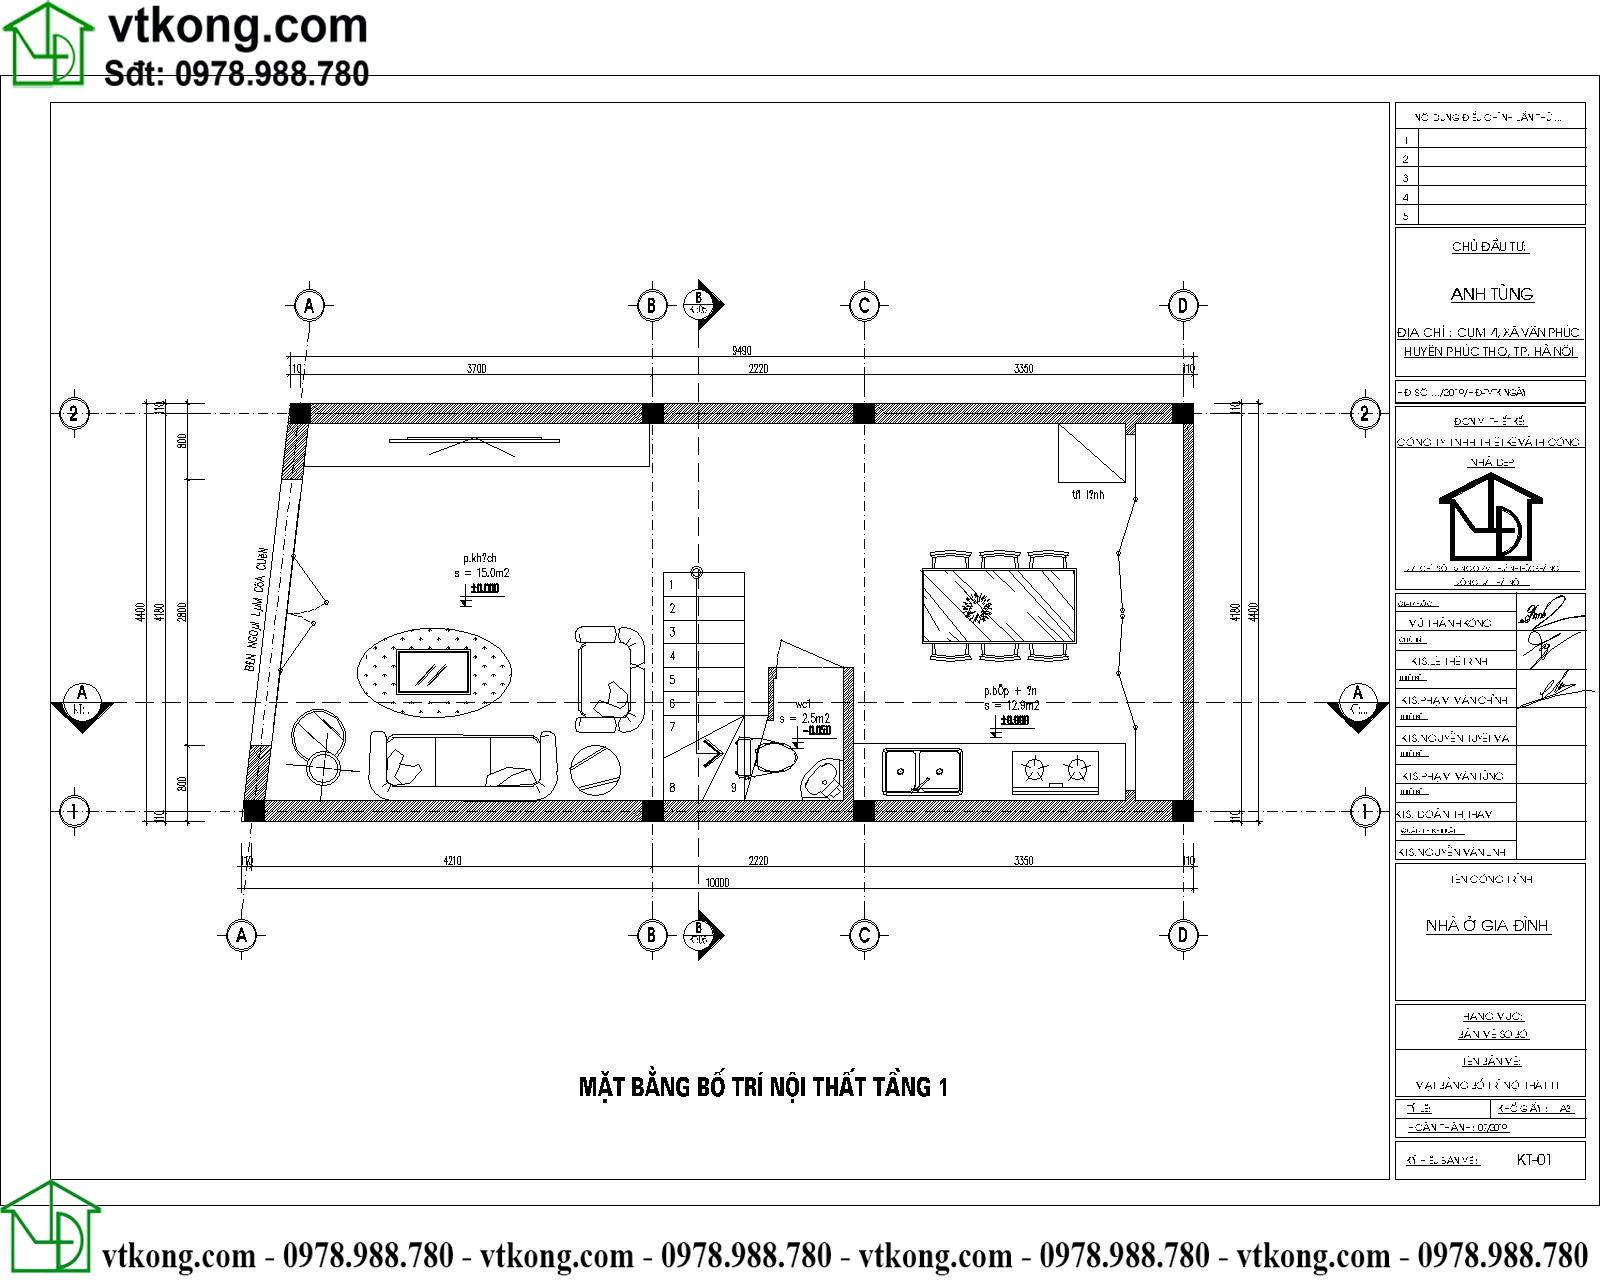 Mặt bằng công năng tầng 1 mẫu nhà ống 2 tầng mái bằng 4.5x10m NP2T009